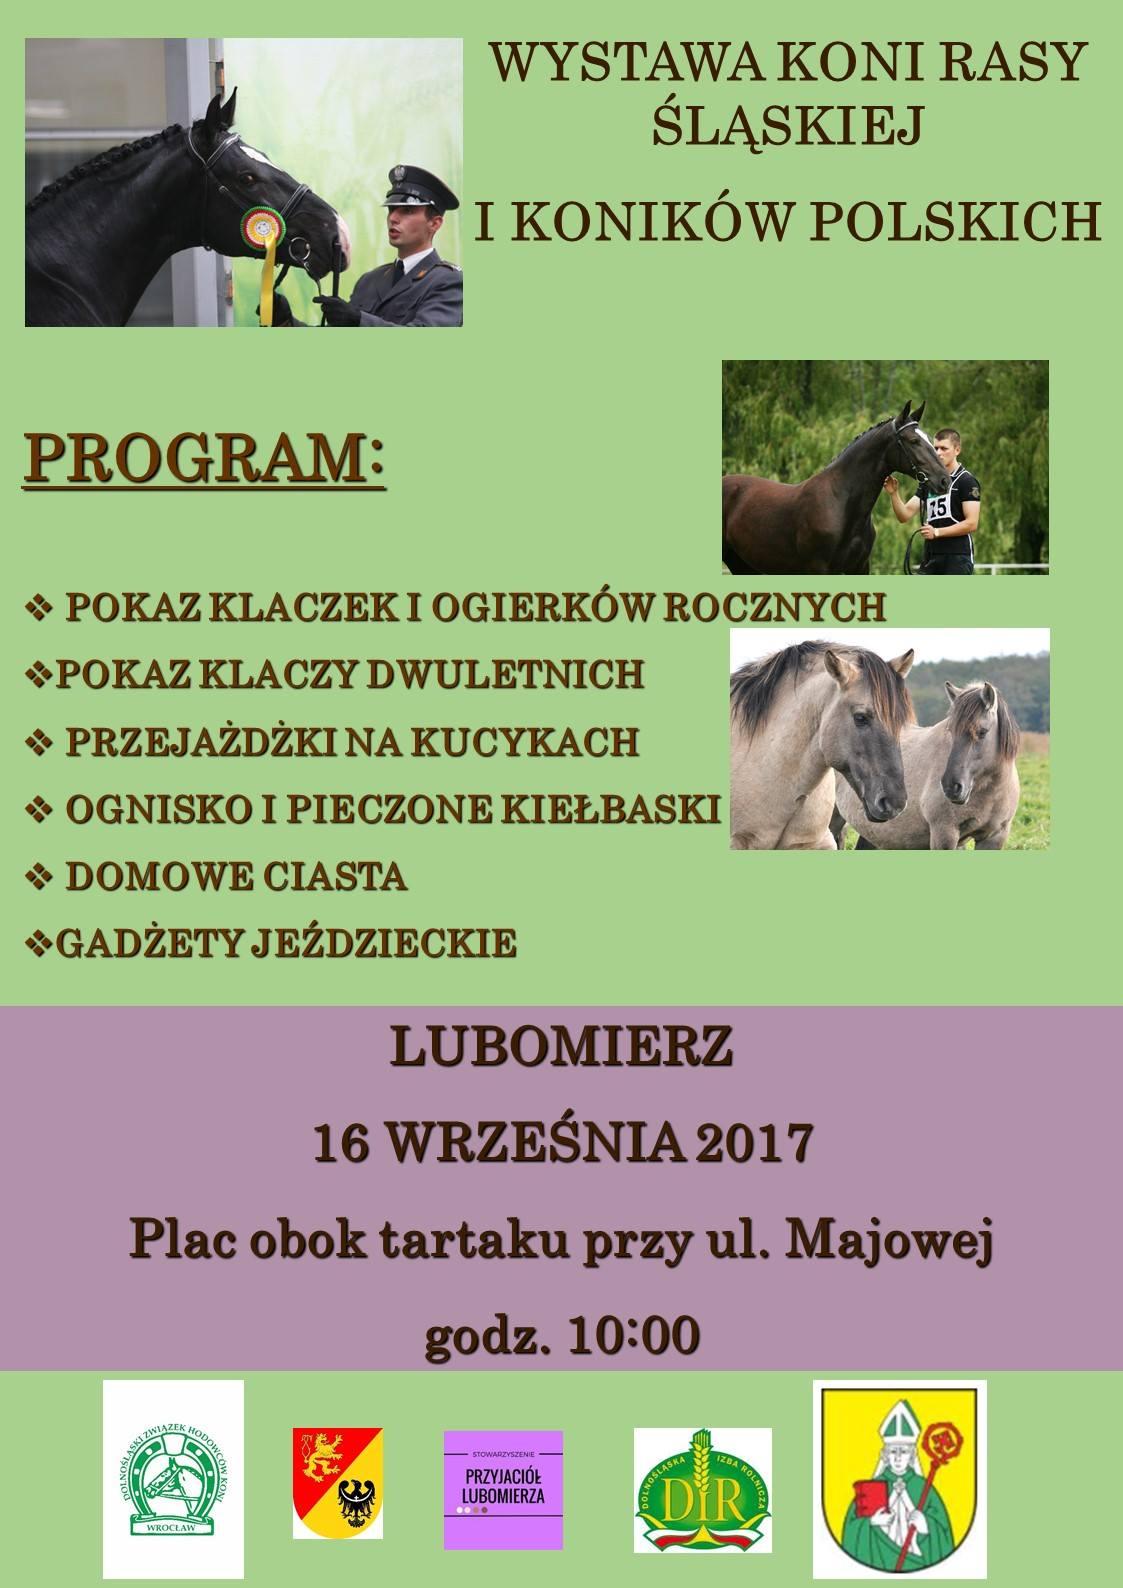 Wystawa Hodowlana Młodzieży Rasy Śląskiej i Konik Polski  16.09.2017 – Lubomierz